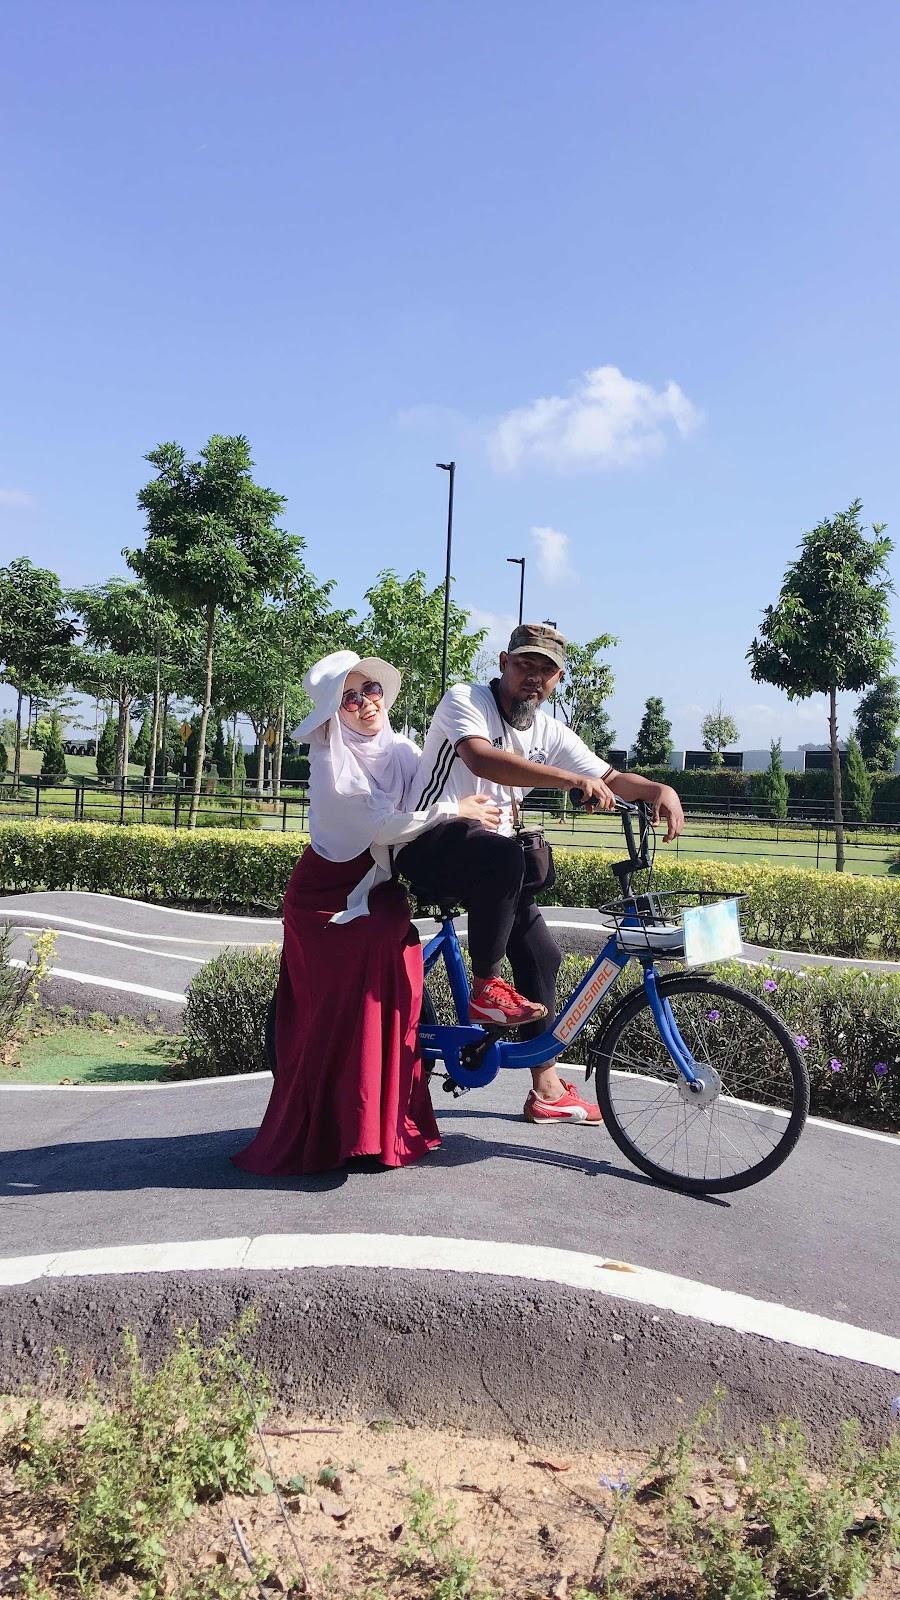 DGB Bike City Eco Grandeur Puncak Alam Premium Beautiful Therapants Theravest Harga Murah